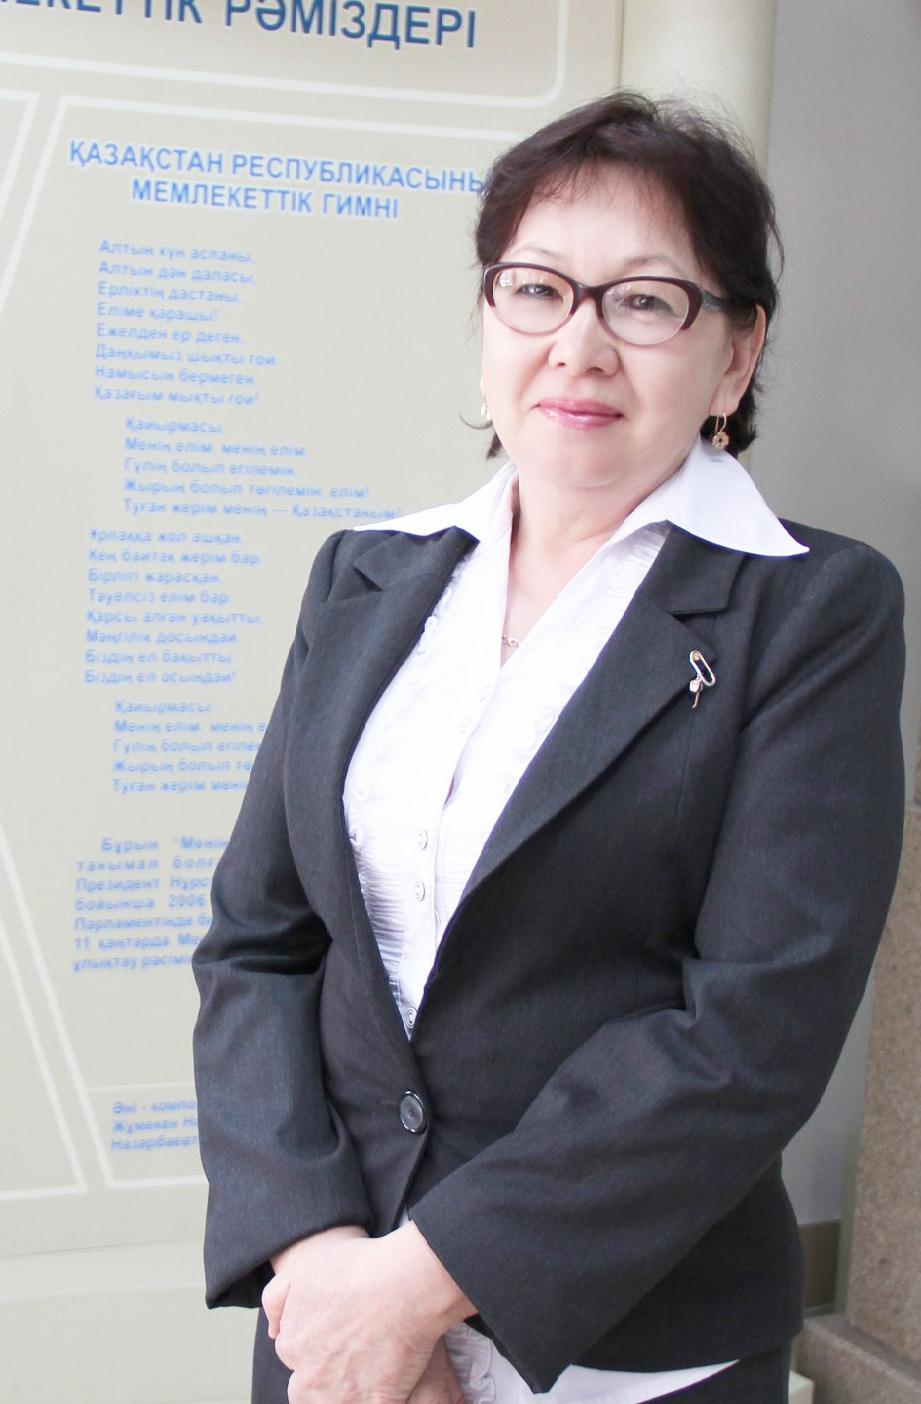 Сыздыкбаева Даметкен Мусахановна